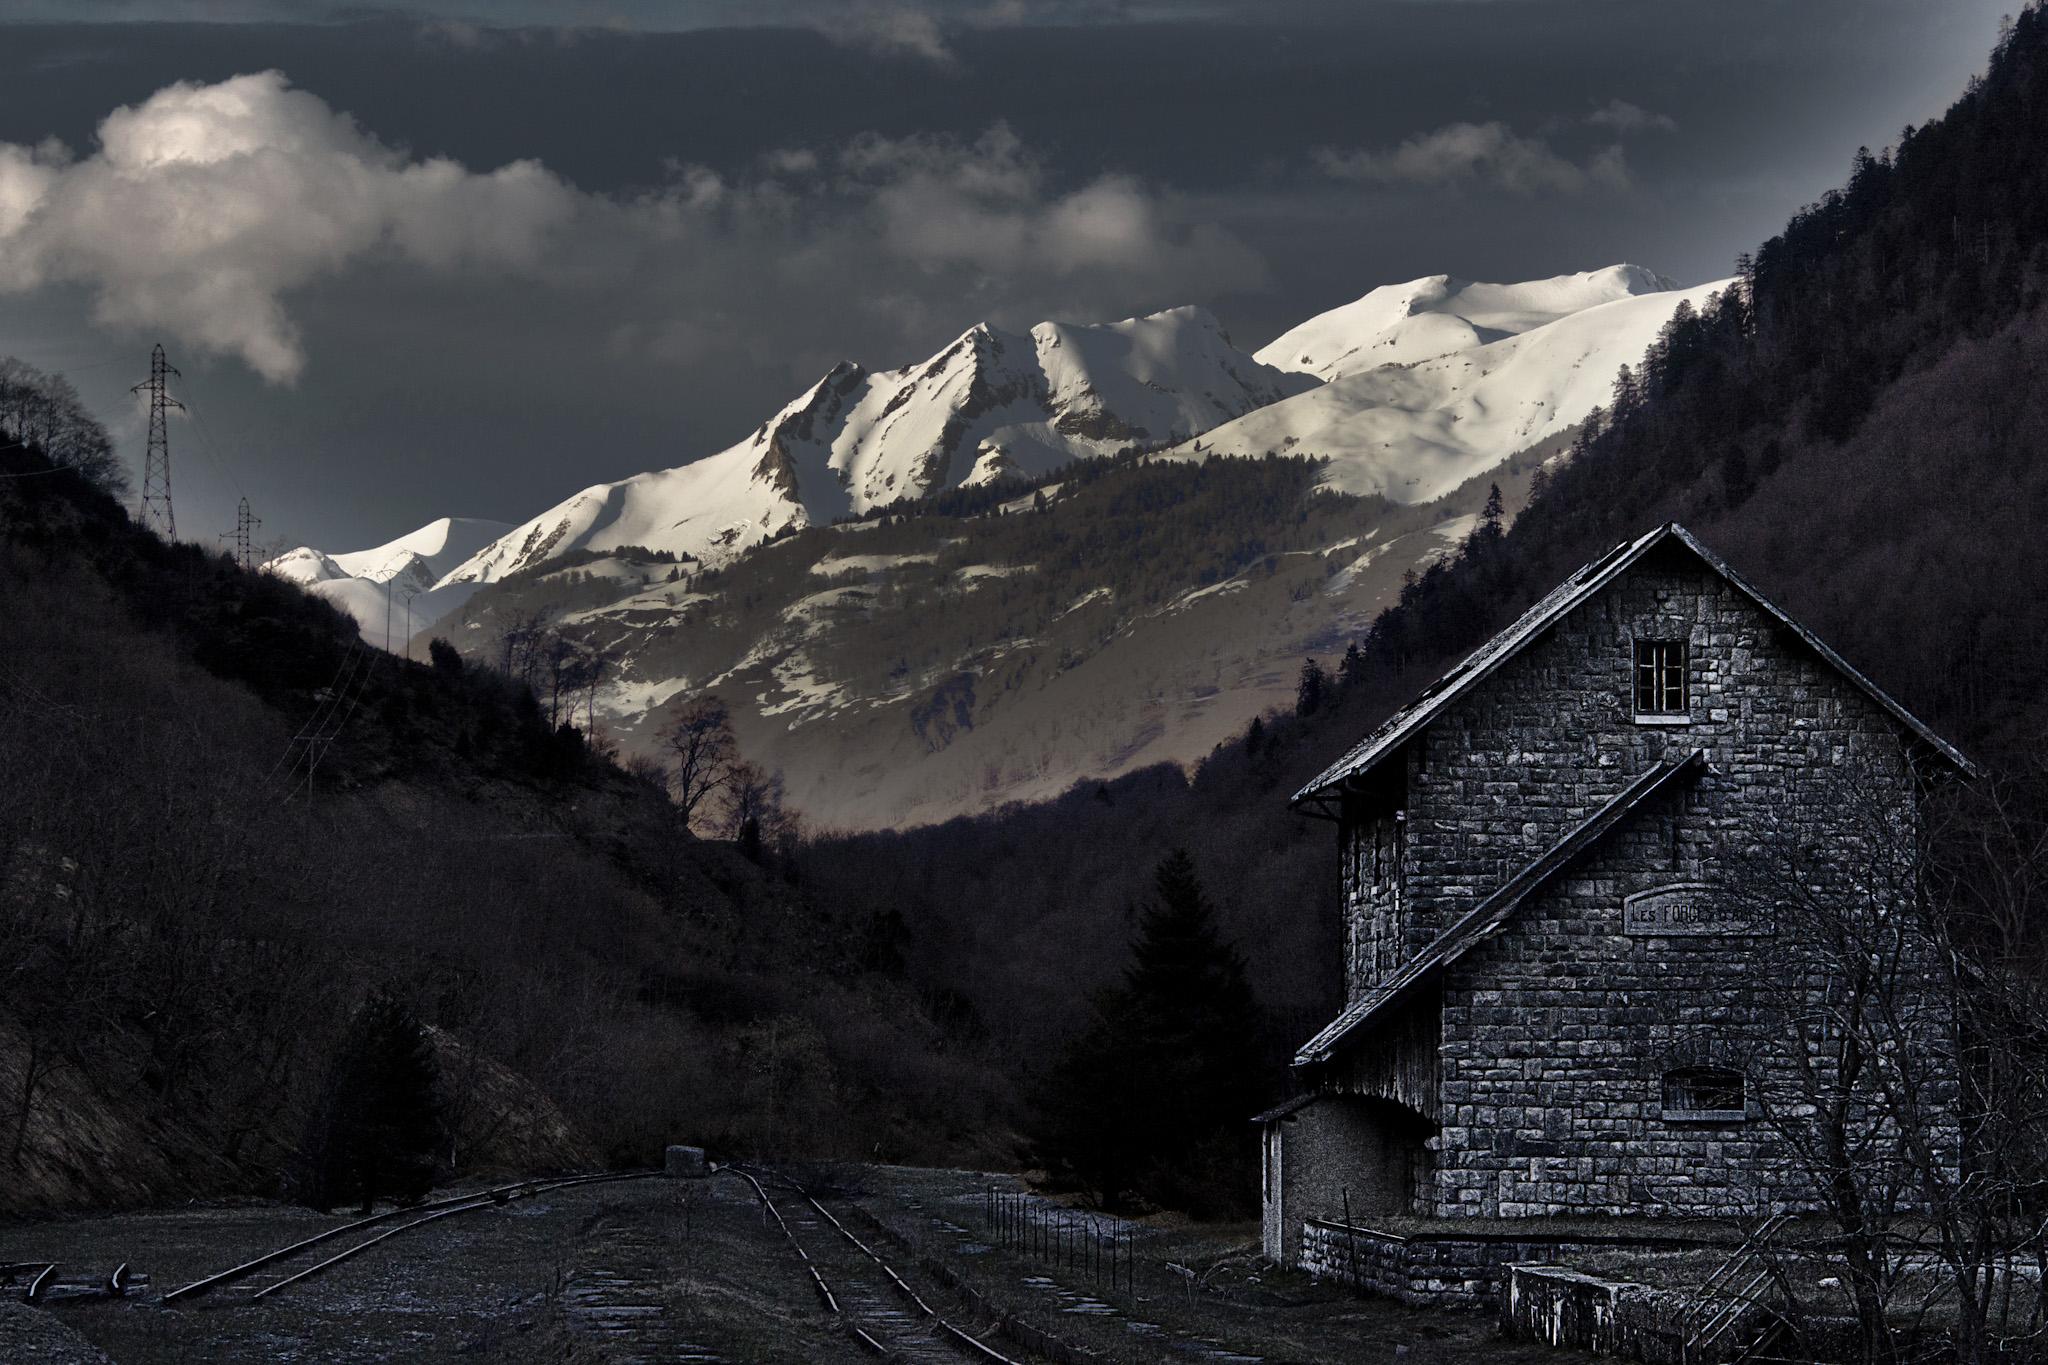 Les forges d'Abel - Vallée d´Aspe - Fotos del Valle del Aragón, Mikel Besga